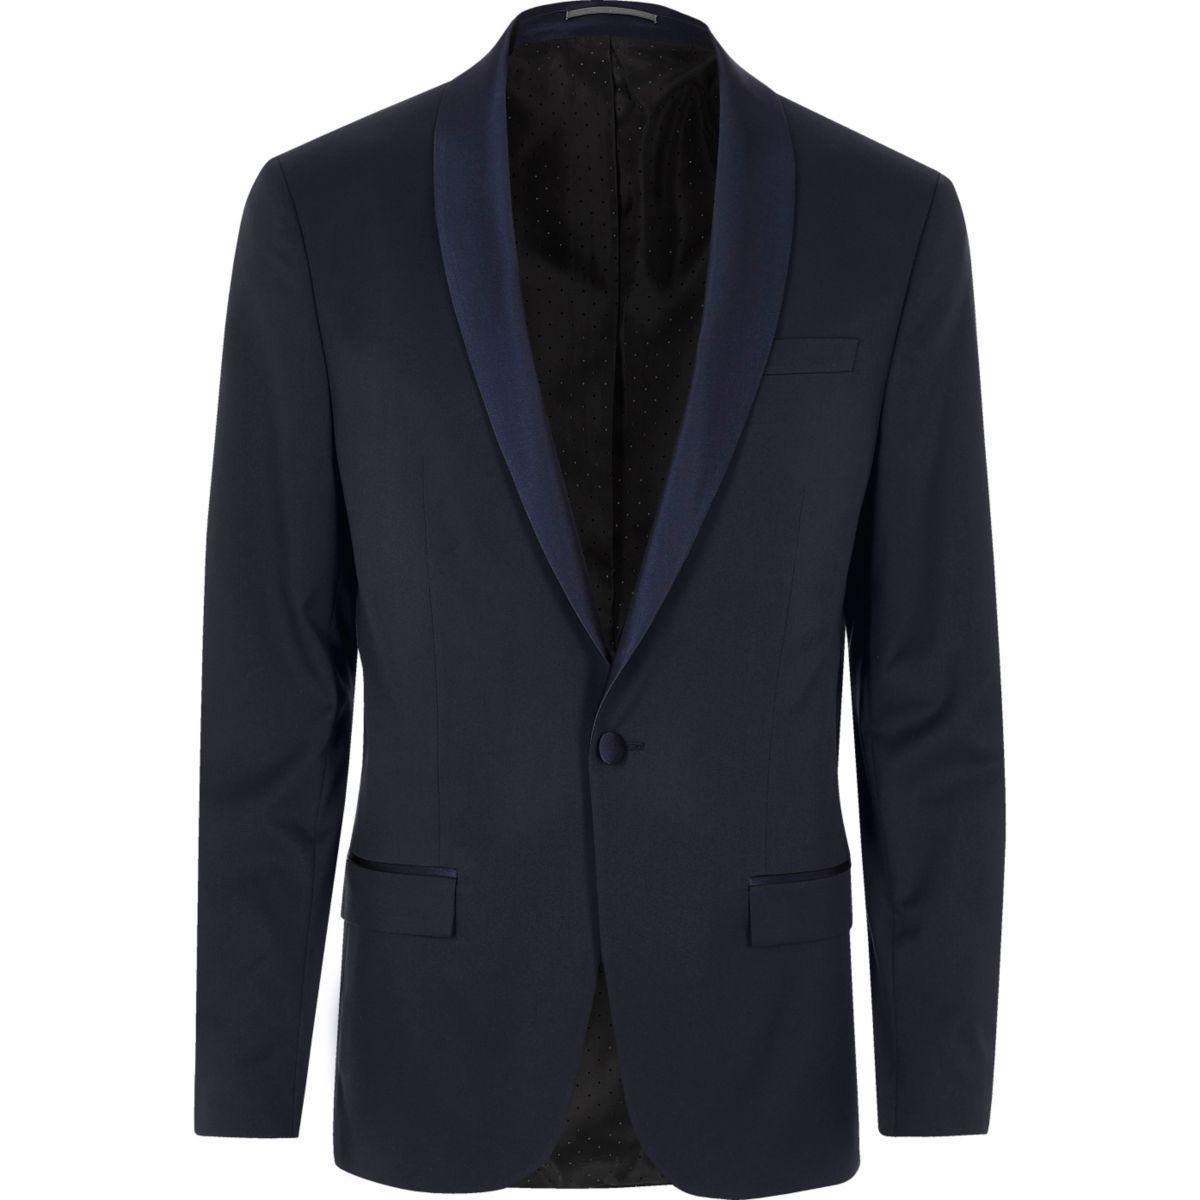 Blue skinny tux suit jacket